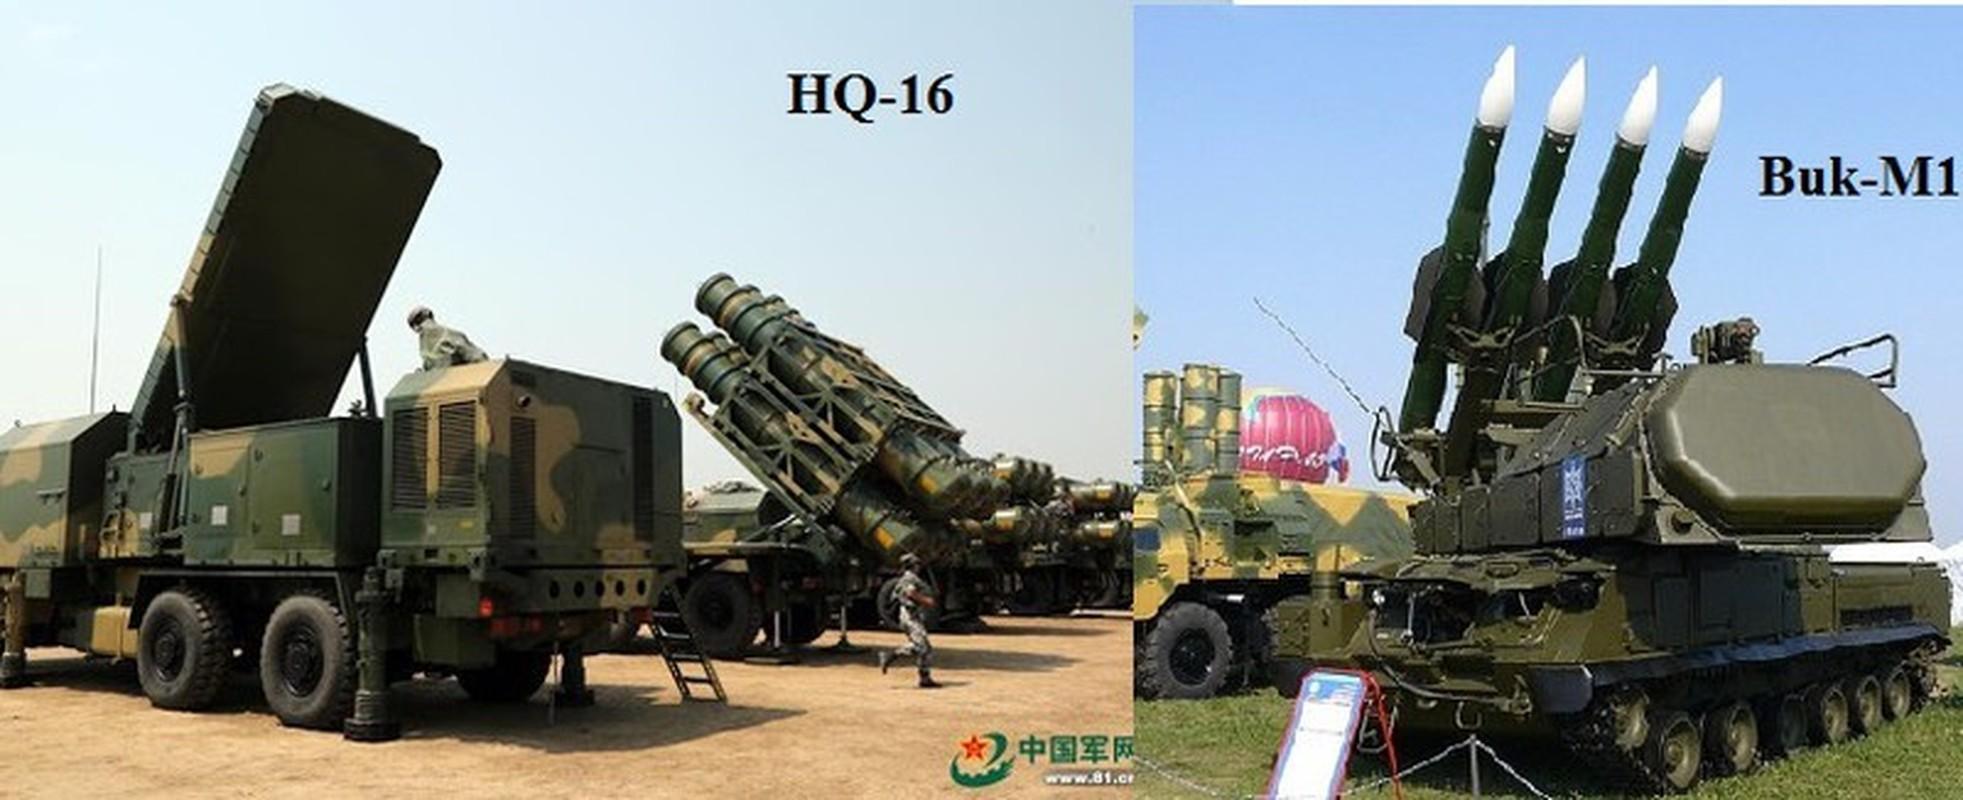 Trung Quoc tim loi rieng sau khi sao chep ten lua phong khong Nga-Hinh-7